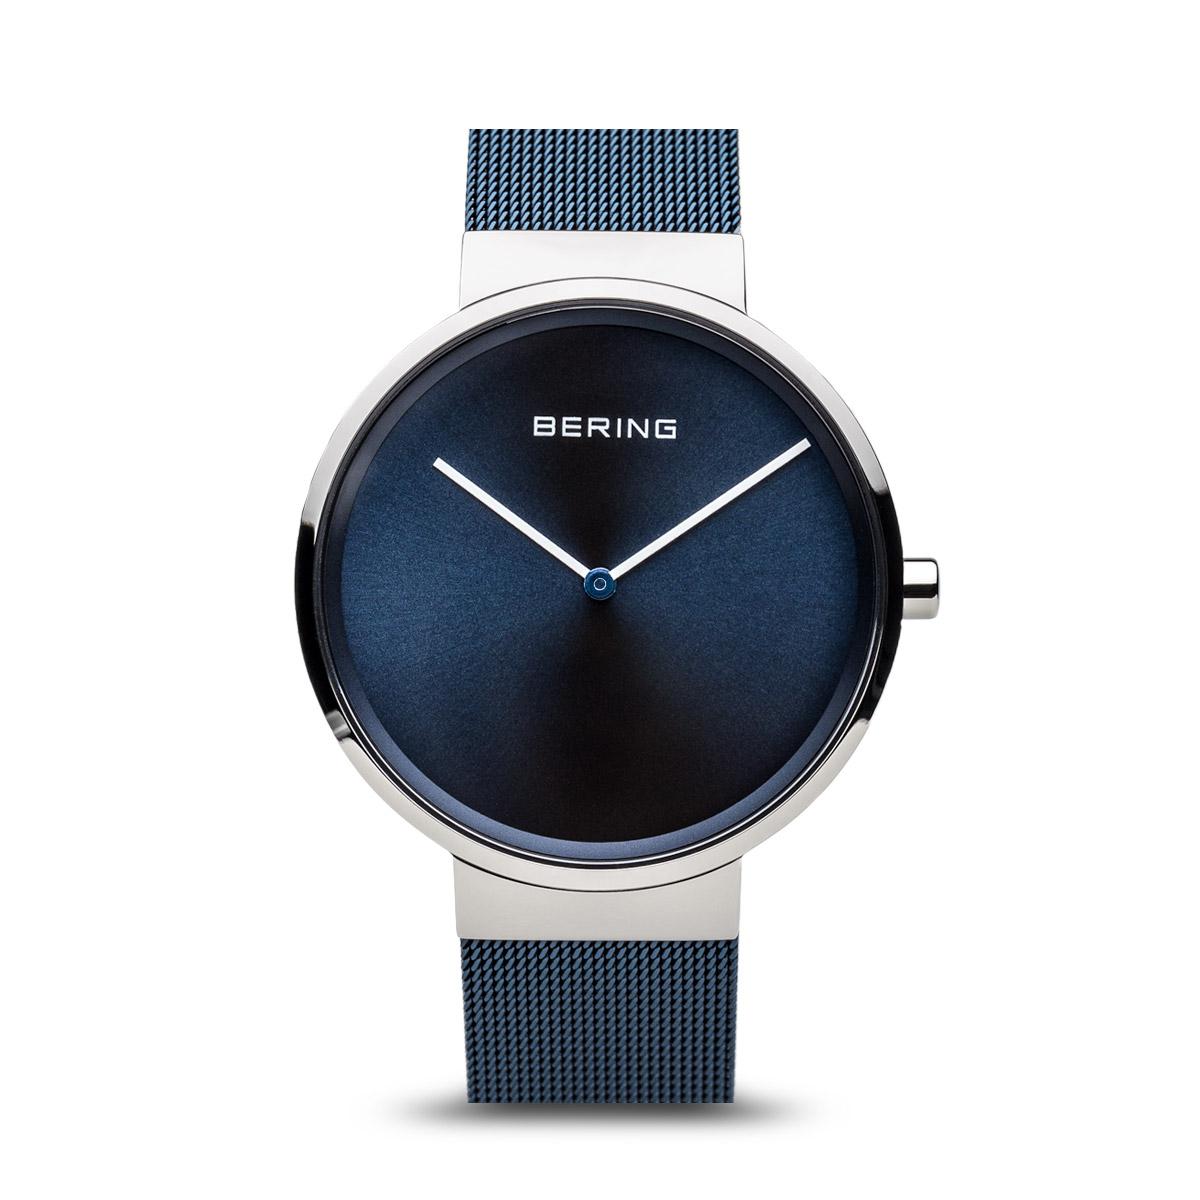 שעון ברינג דגם 14539-307 BERING